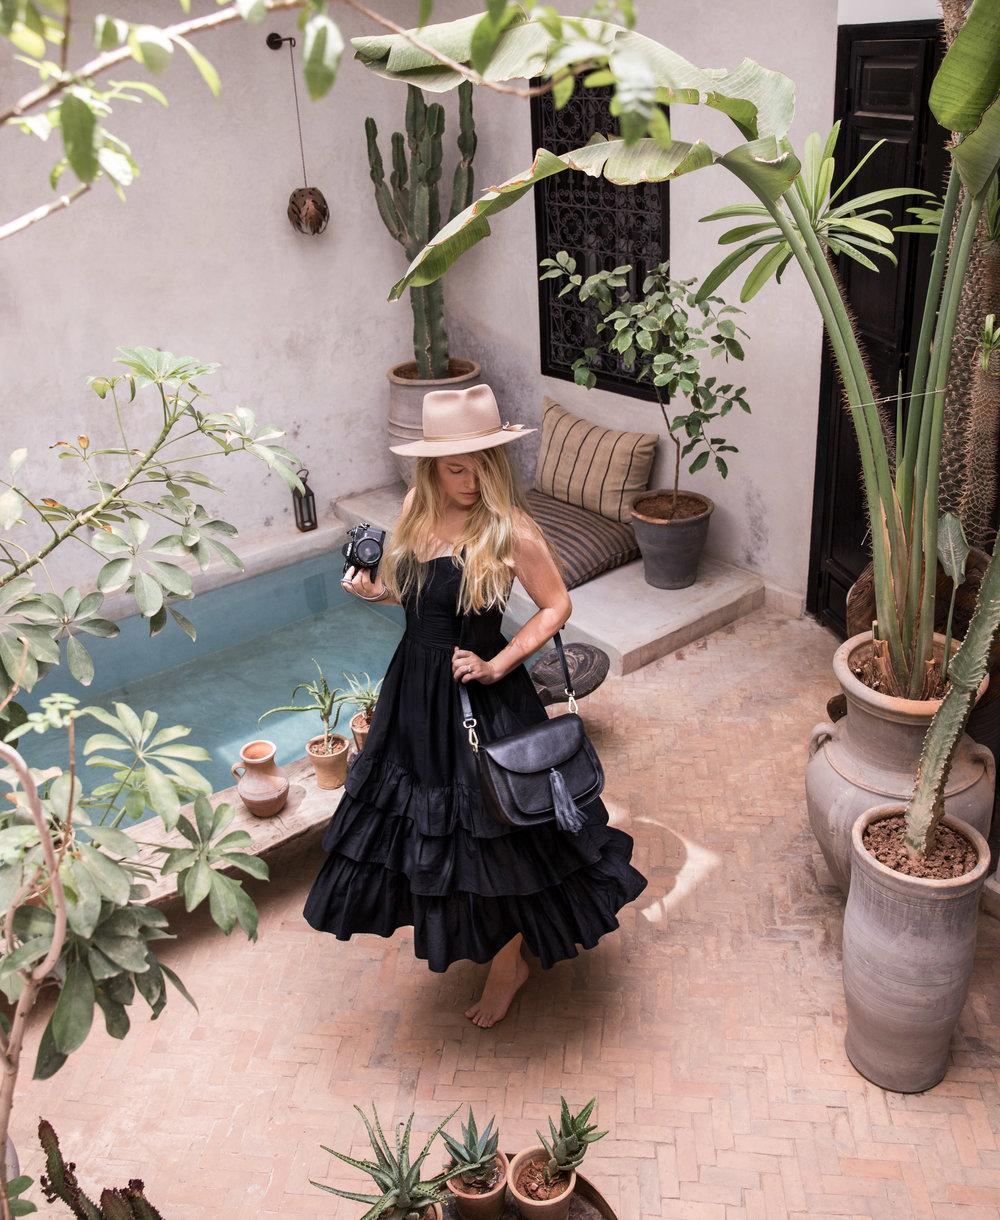 Venice_Morocco_Trip-1382.jpg